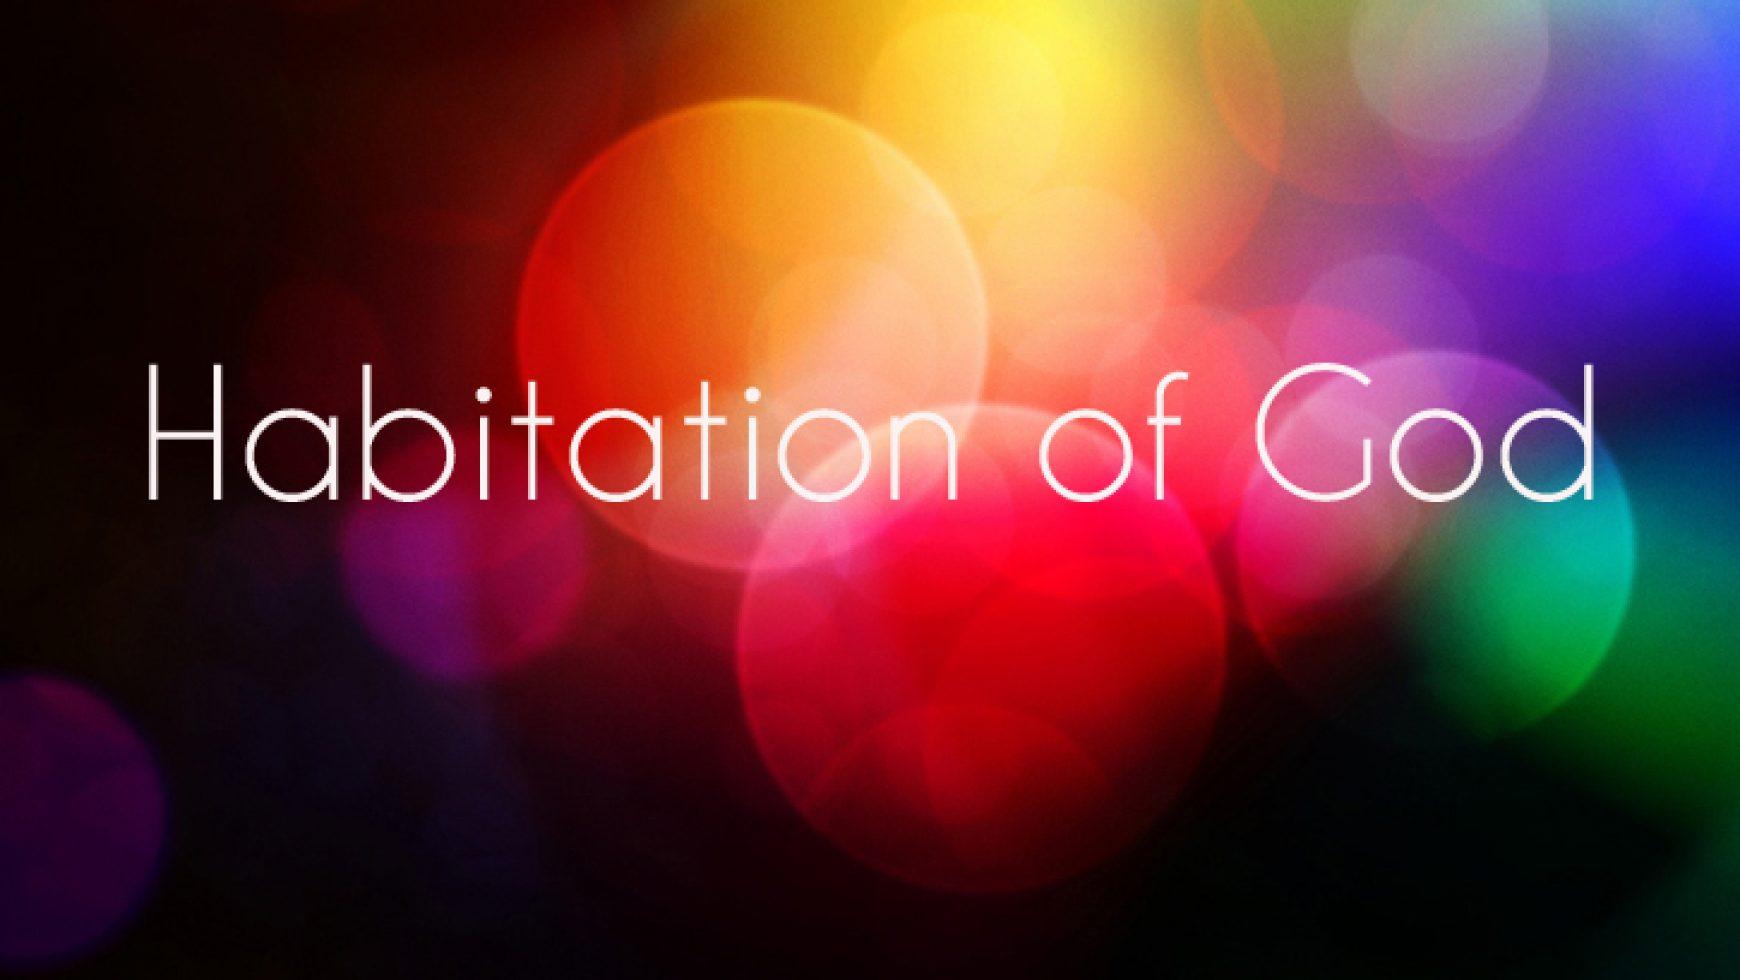 Habitation of God